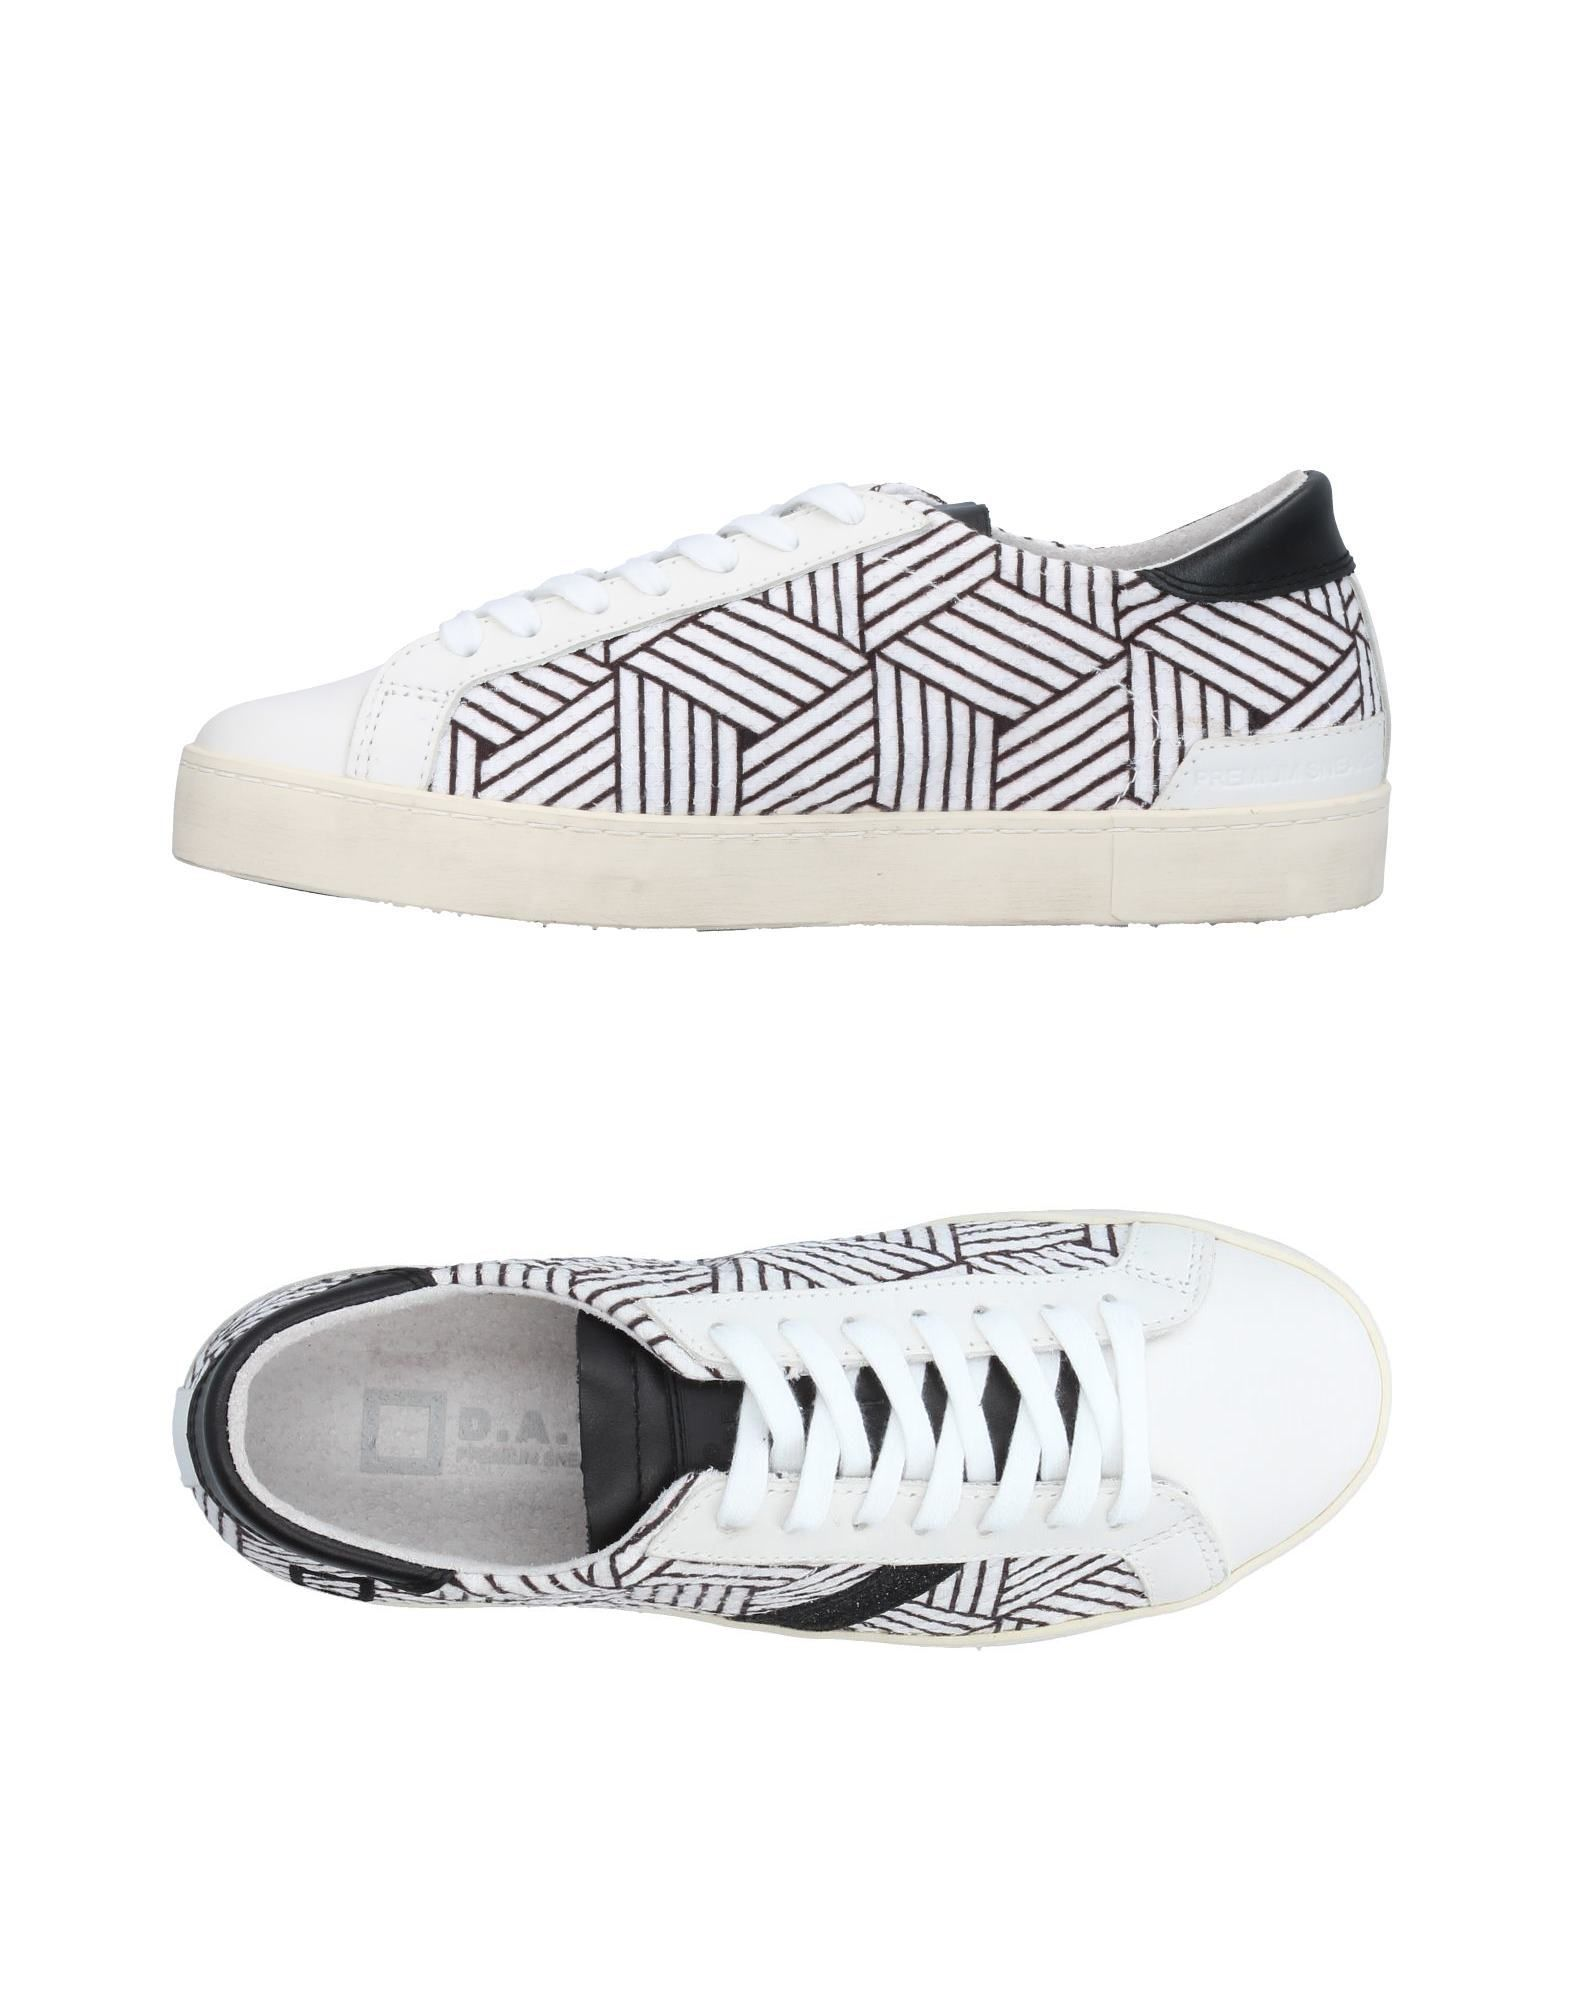 D.A.T.E. Sneakers Damen  11414961JR Gute Qualität beliebte Schuhe